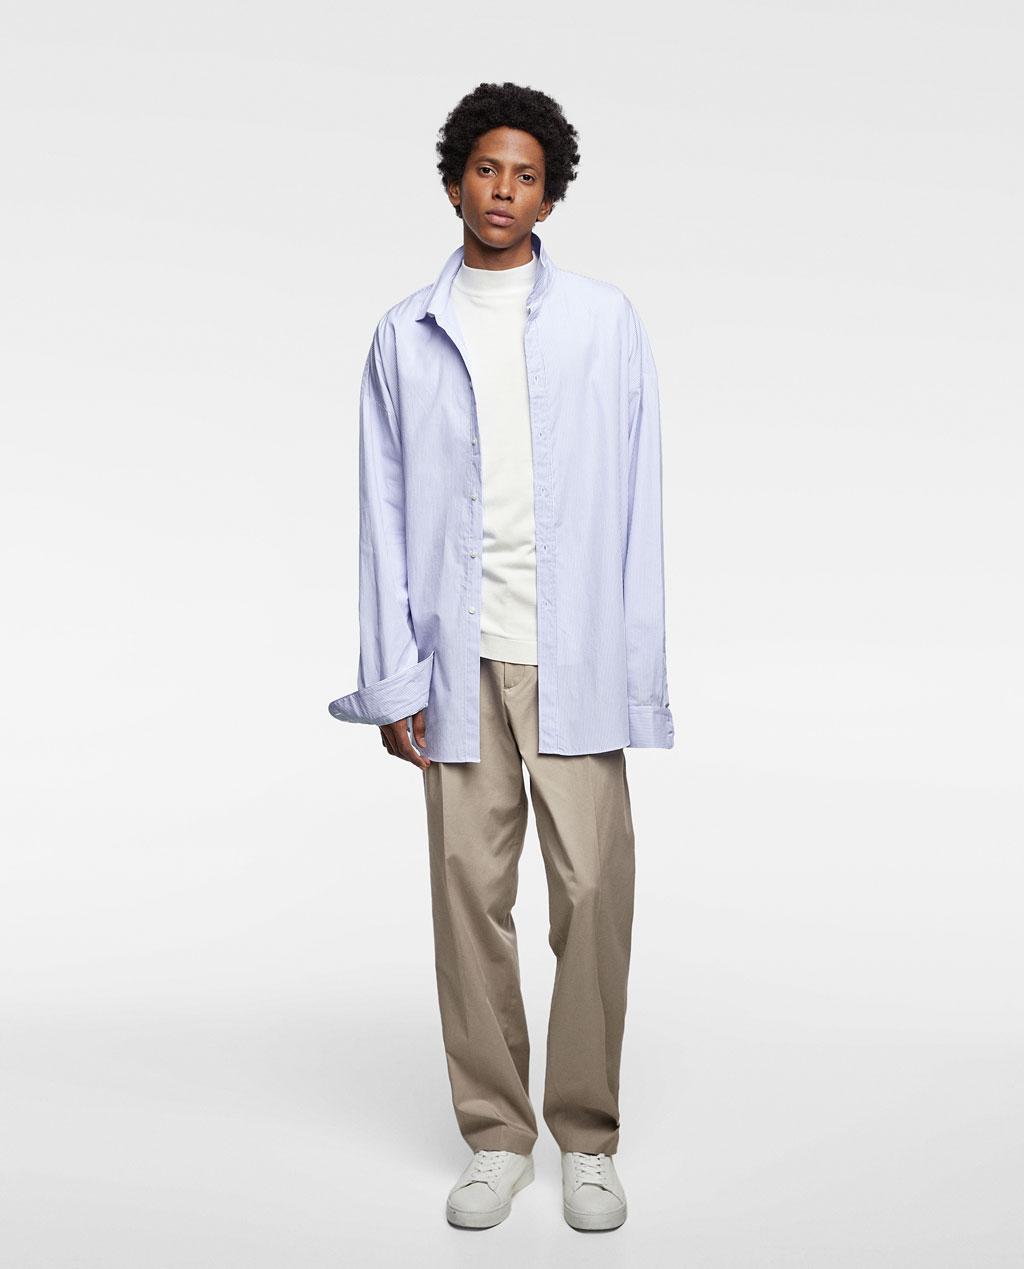 Thời trang nam Zara  24029 - ảnh 3